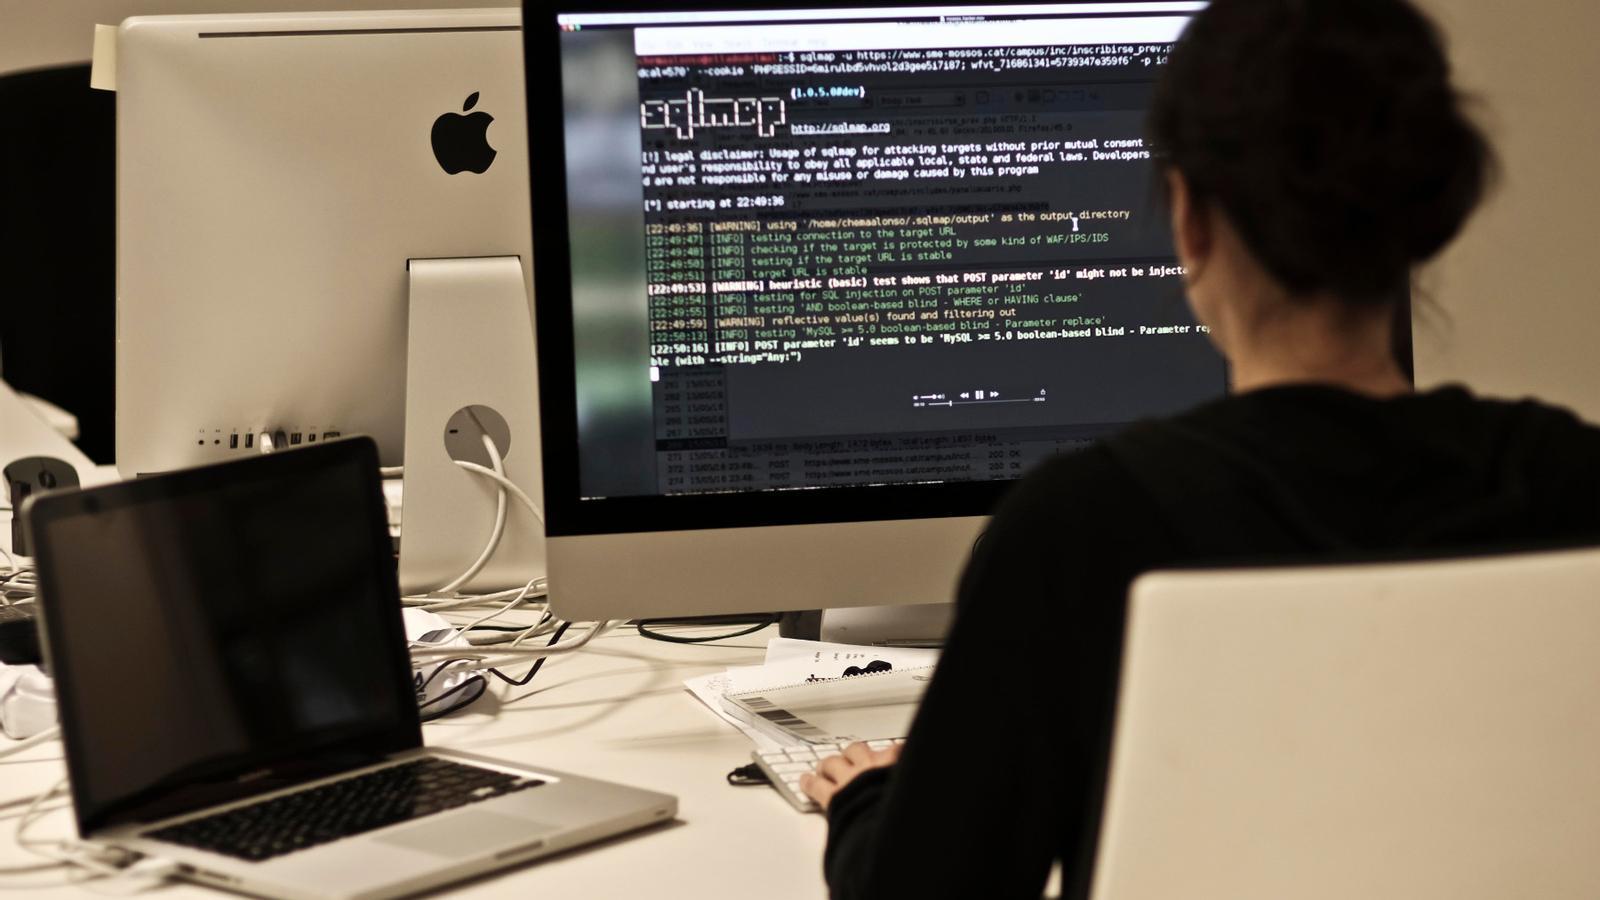 Los responsables del ataque publicaron un vídeo para mostrar cómo habían hecho el ataque informático al Sindicato de Mossos / XAVIER BERTRAL